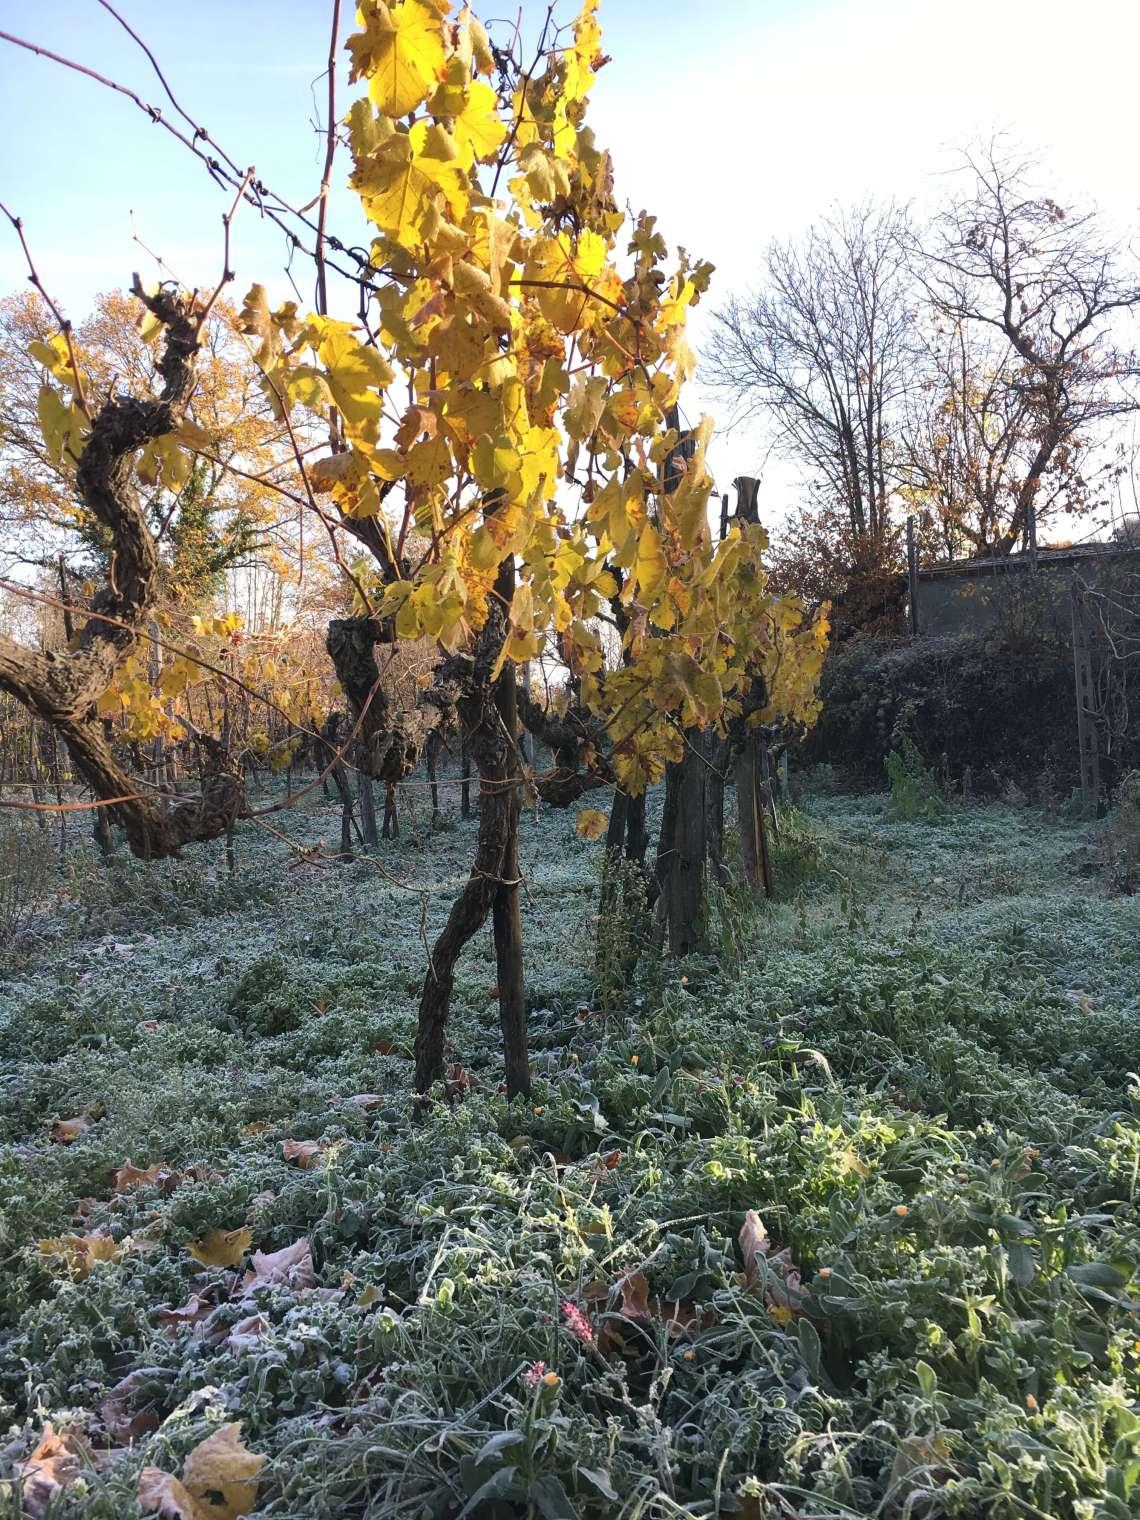 Det er årets siste arbeidsøkt på vingården vår i Italia. Bli med meg inn og se høst blir til vinter på vingården, fargerike og rimbelagte vinblader.